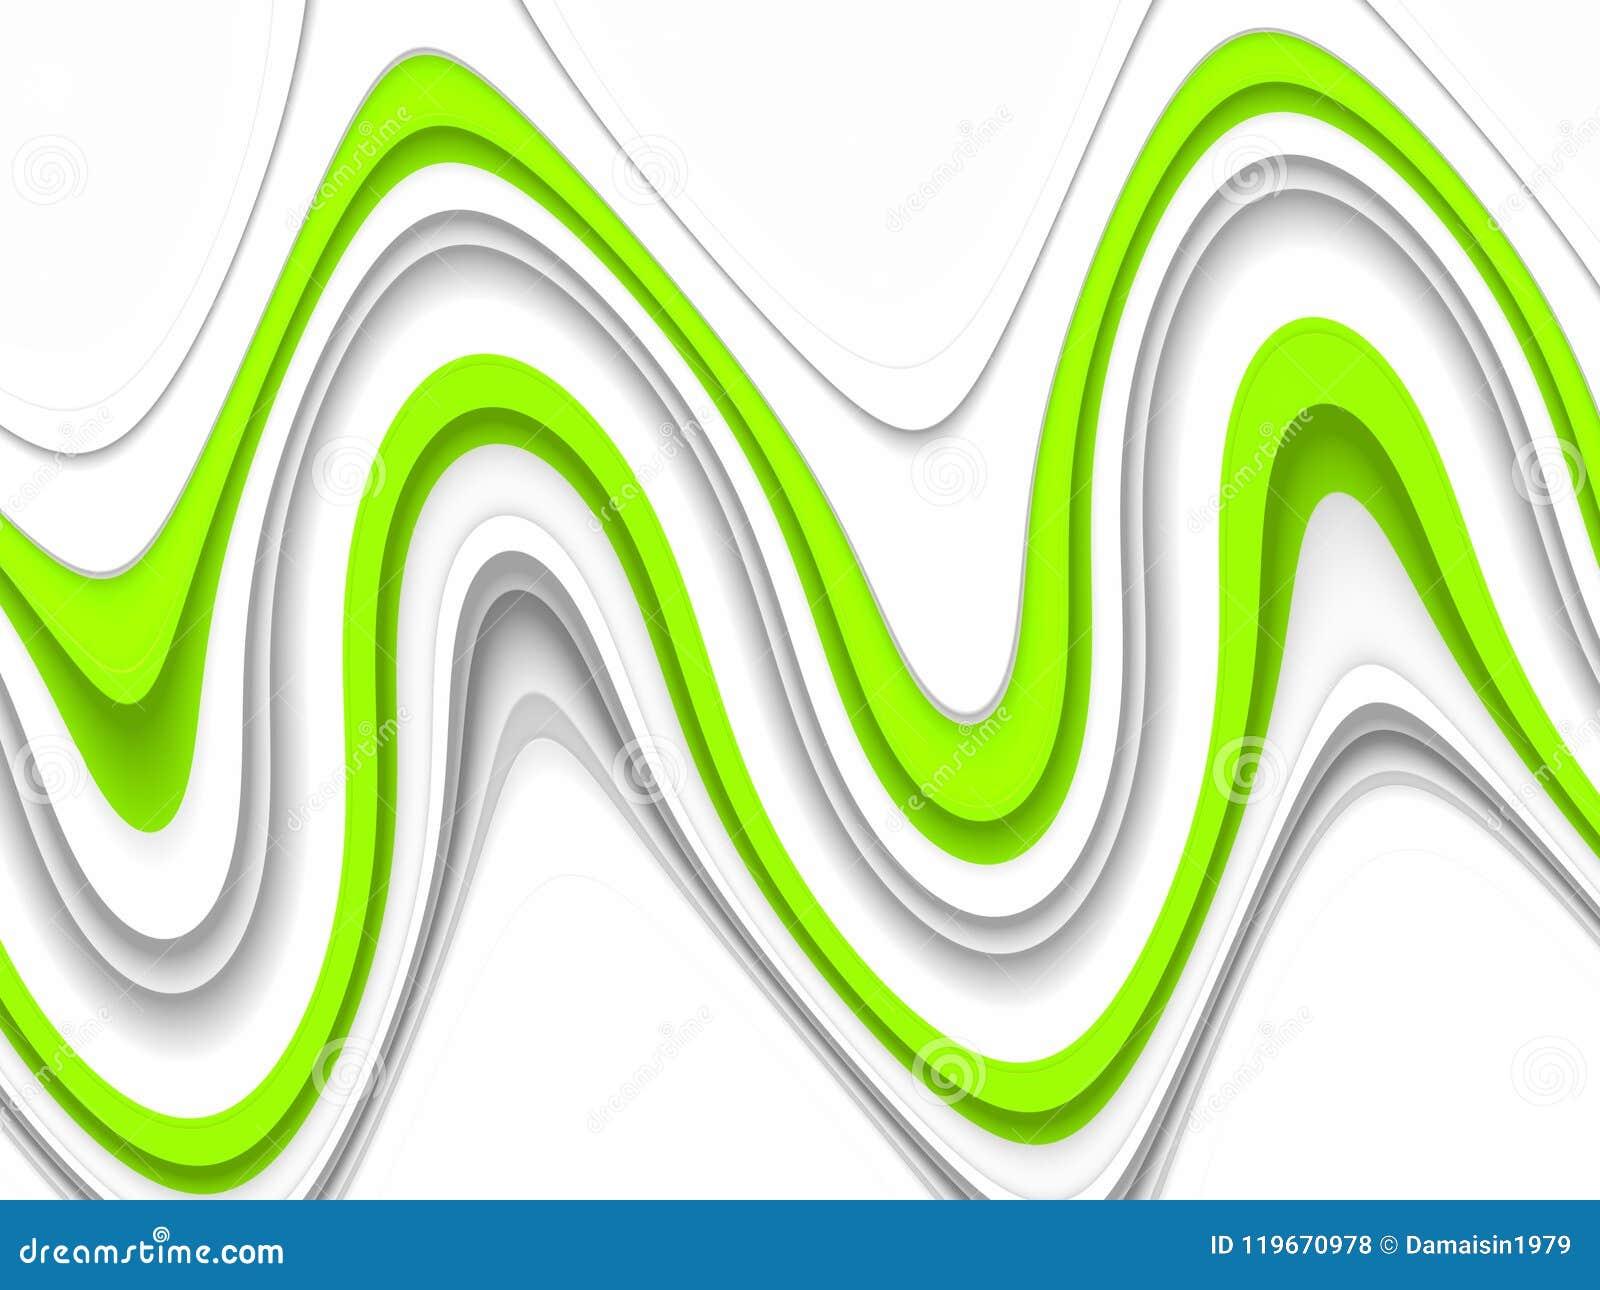 Шаловливая зеленая фосфоресцентная предпосылка волн Волны как формы, абстрактная предпосылка